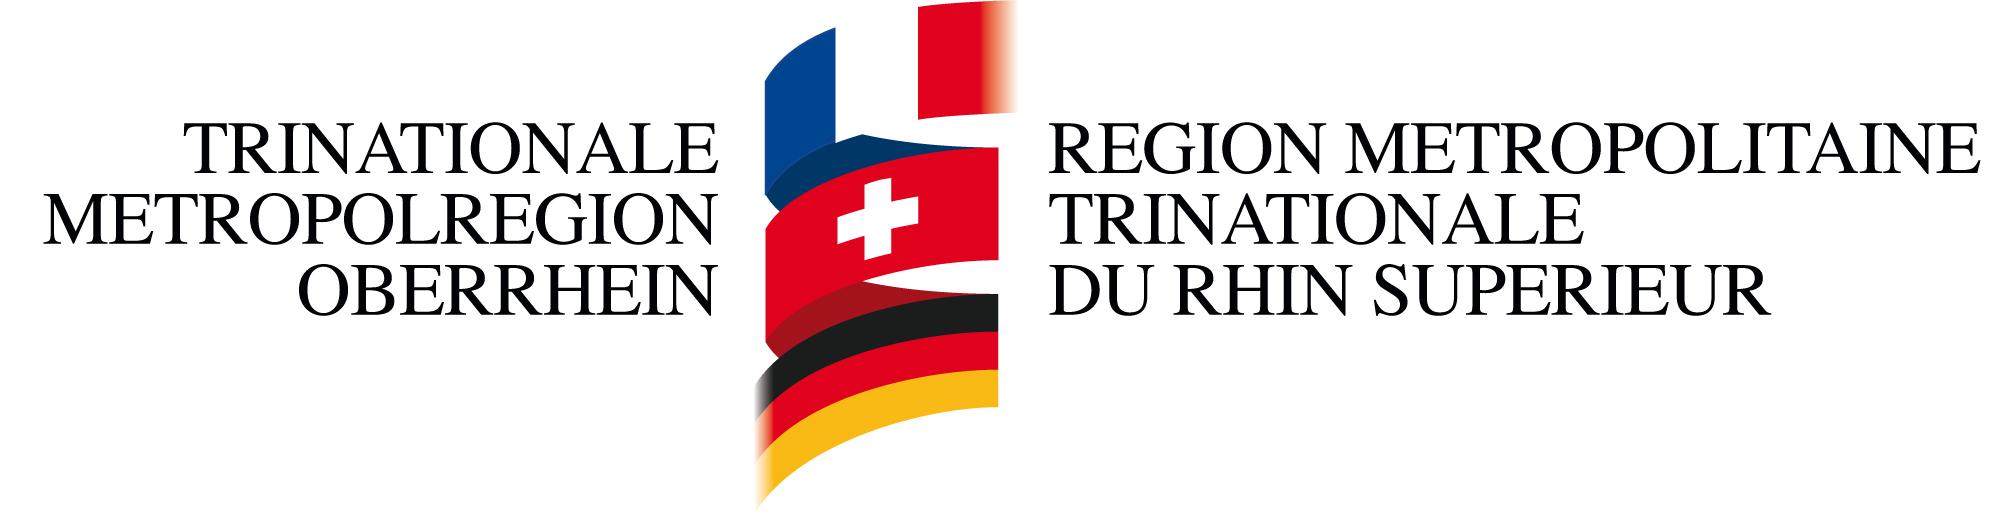 Trinational Metropolregion Oberrhein